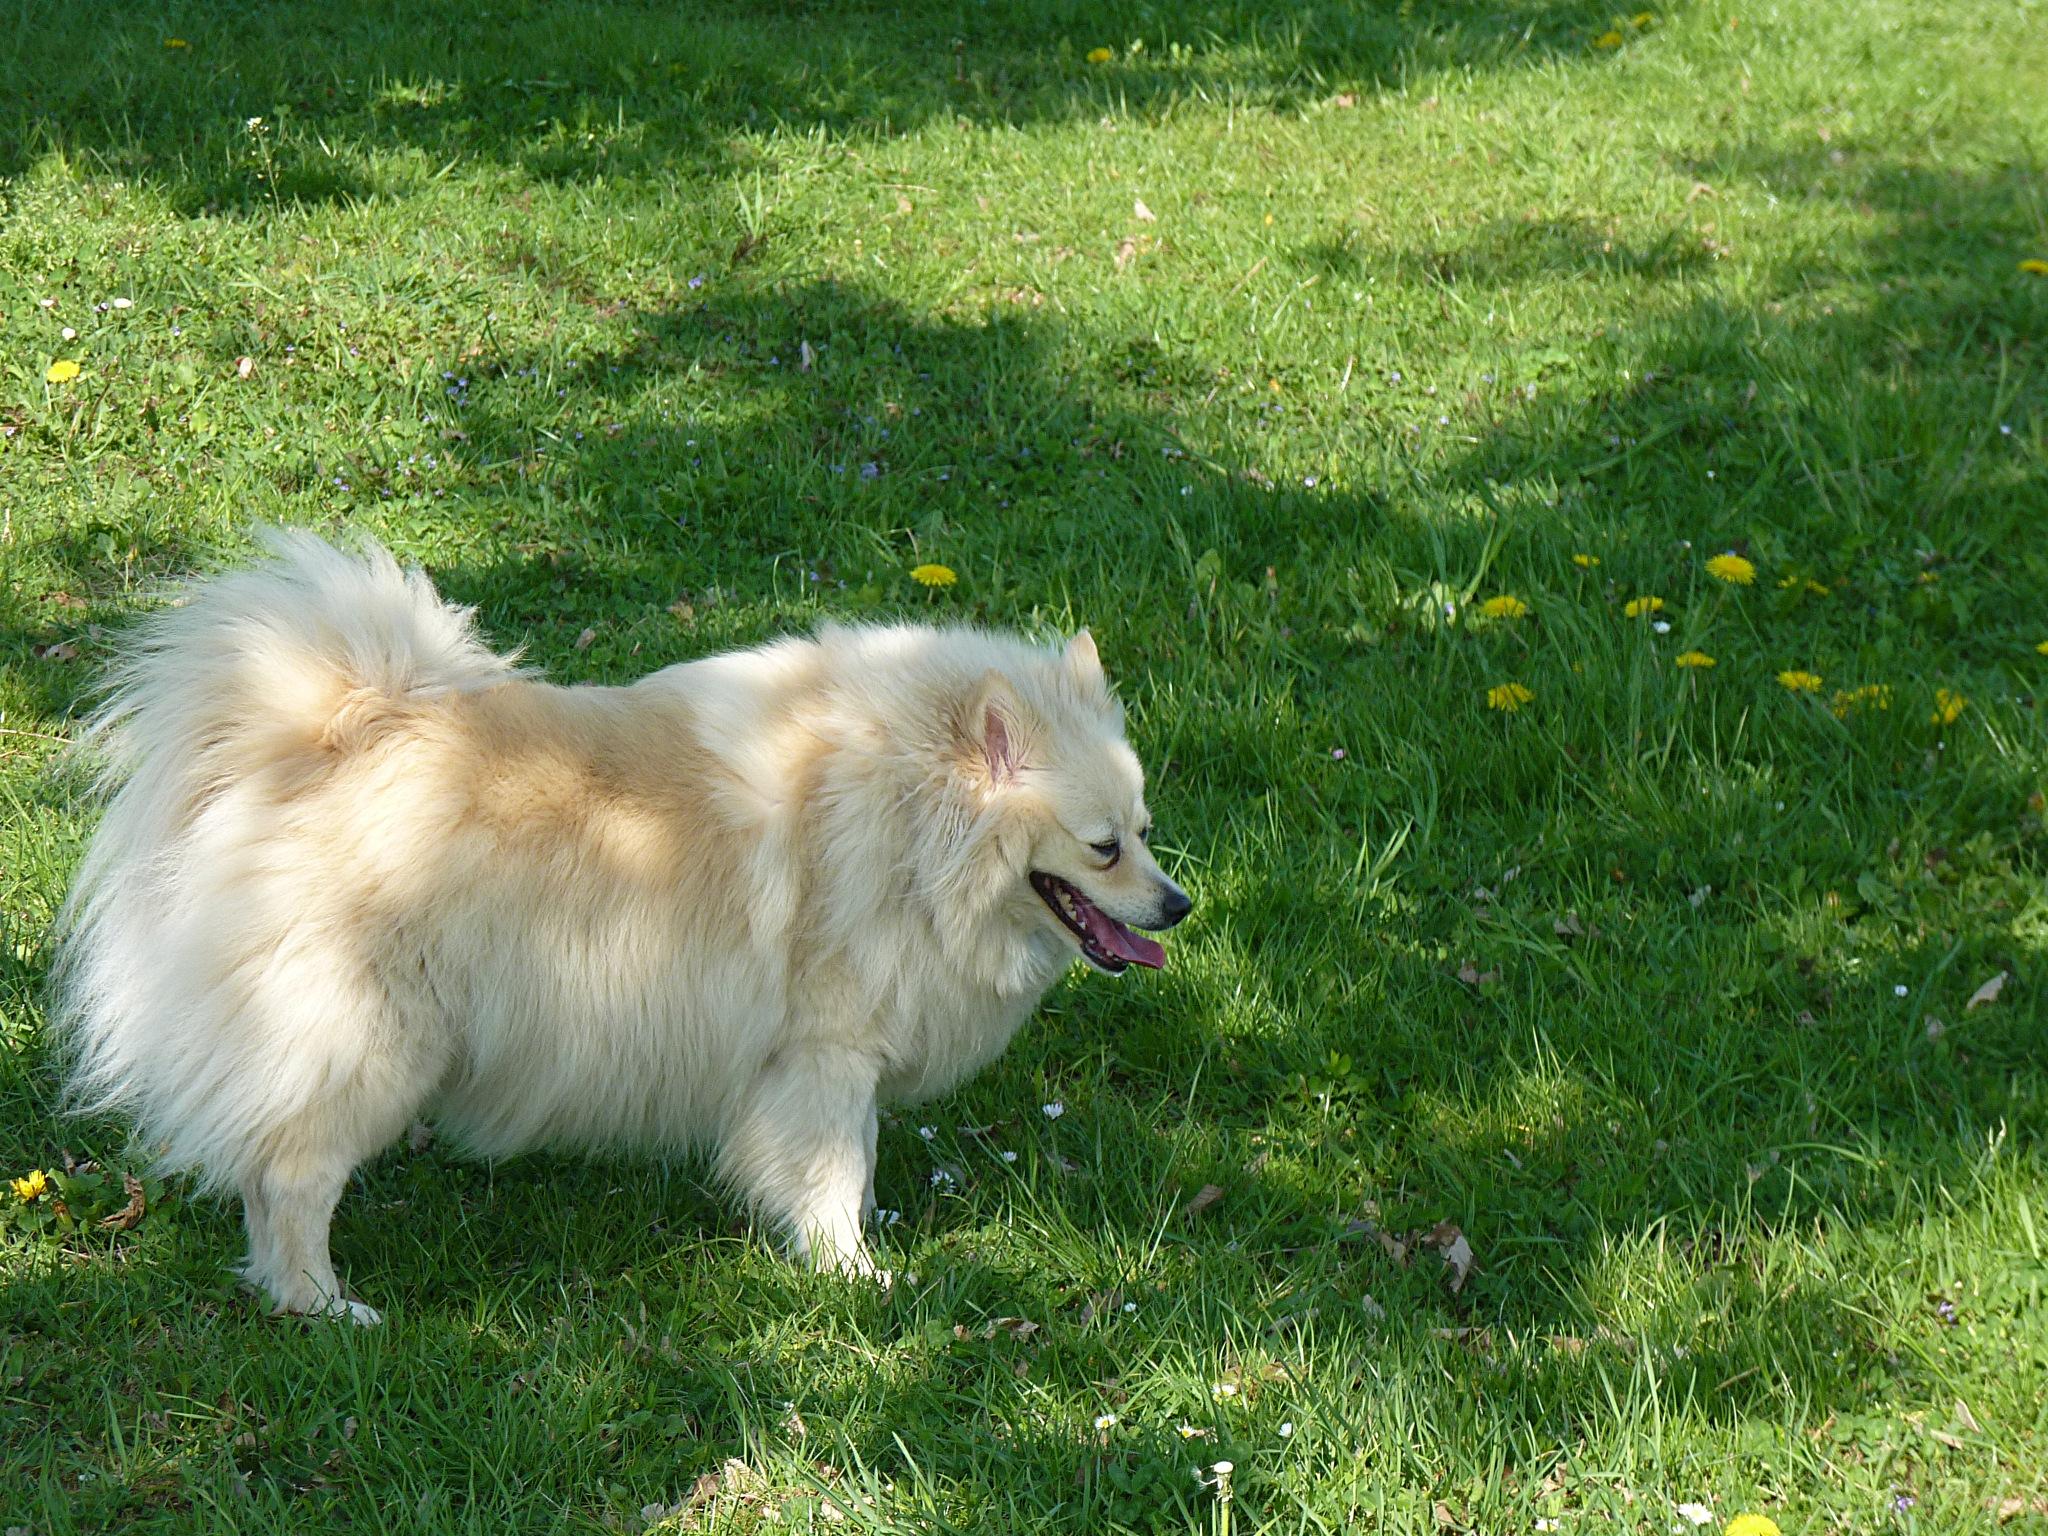 Pes - Dog by zvnktomasevic